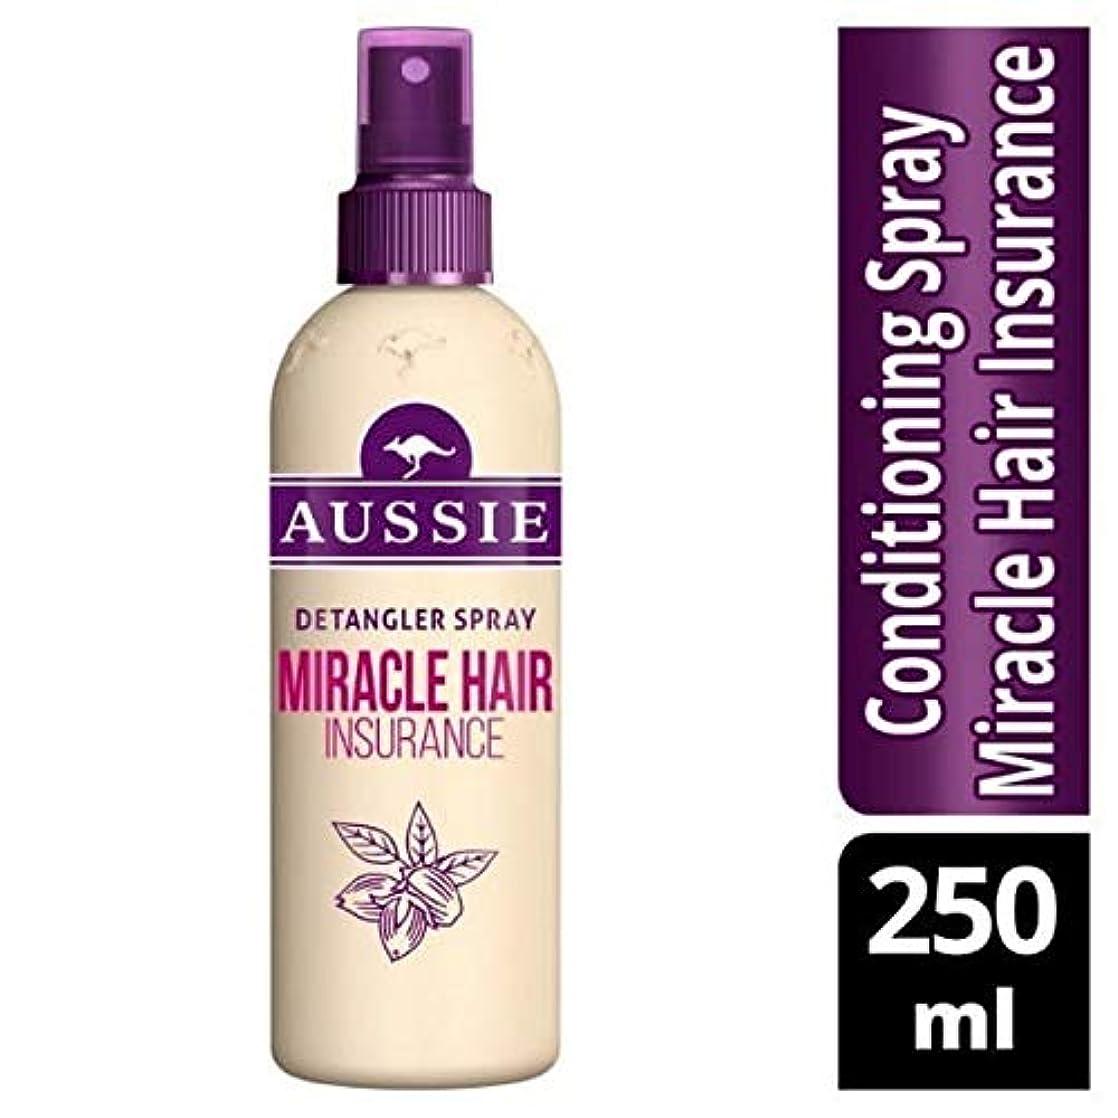 起こりやすい突然のパーフェルビッド[Aussie ] オーストラリアの奇跡髪保険Detanglerスプレー250ミリリットル - Aussie Miracle Hair Insurance Detangler Spray 250ml [並行輸入品]